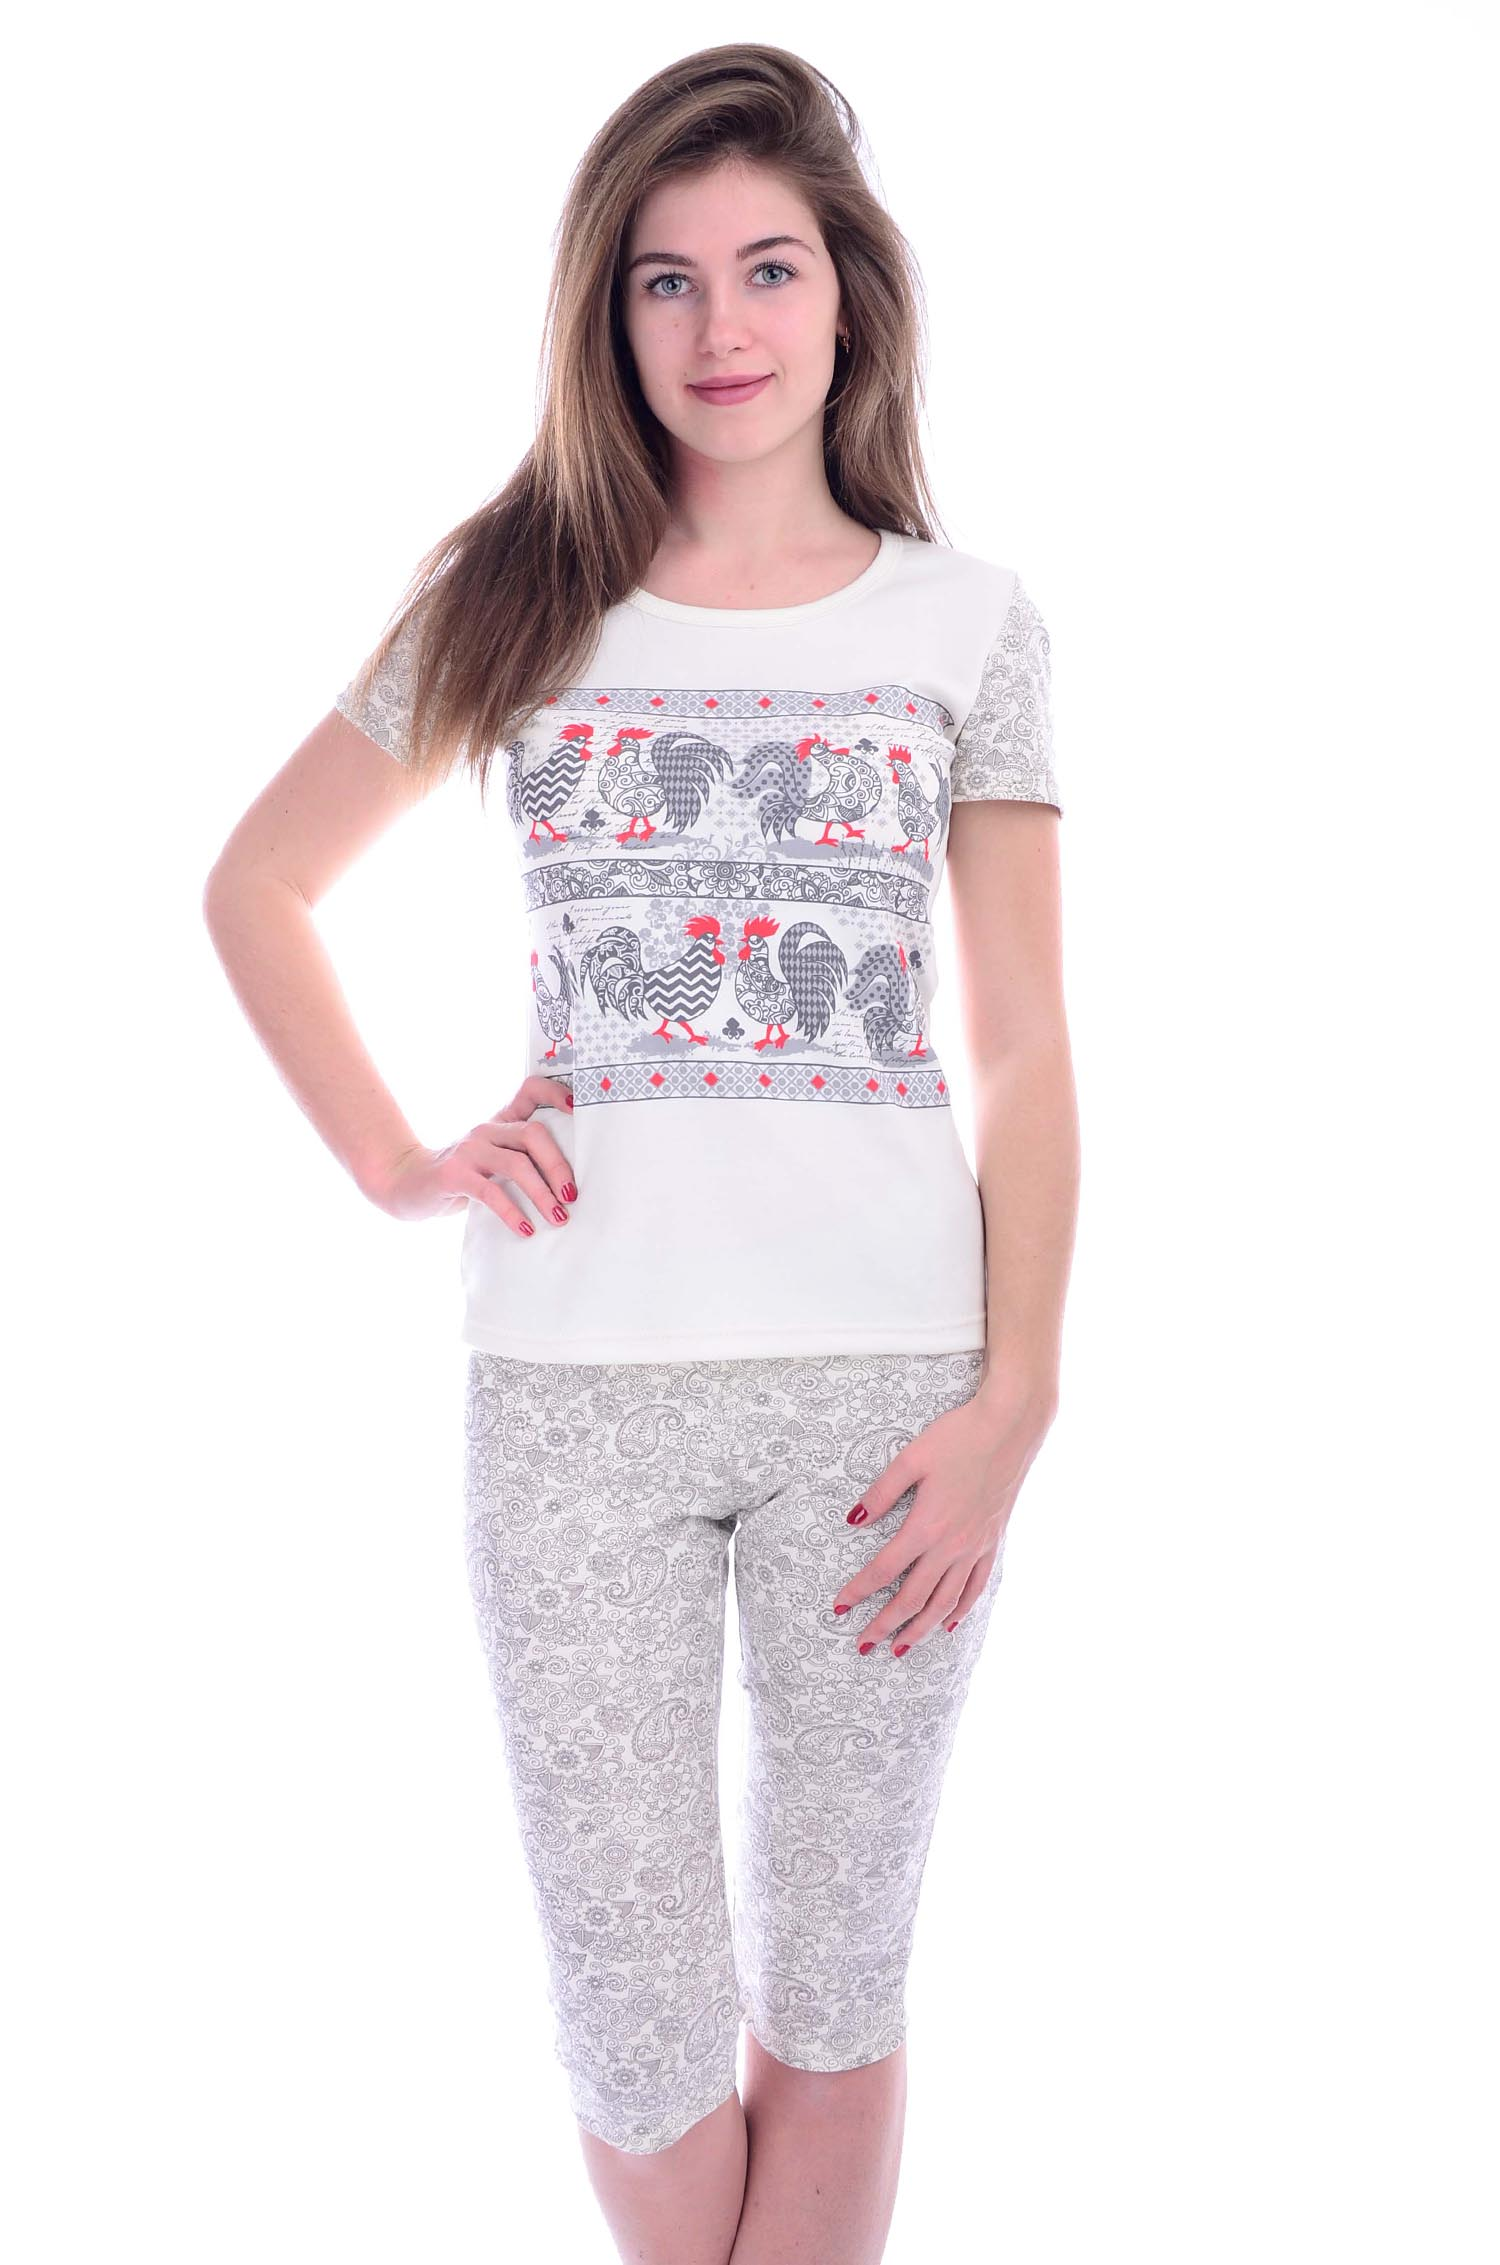 Пижама женская Петушки футболка и бриджиДомашняя одежда<br><br><br>Размер: 42